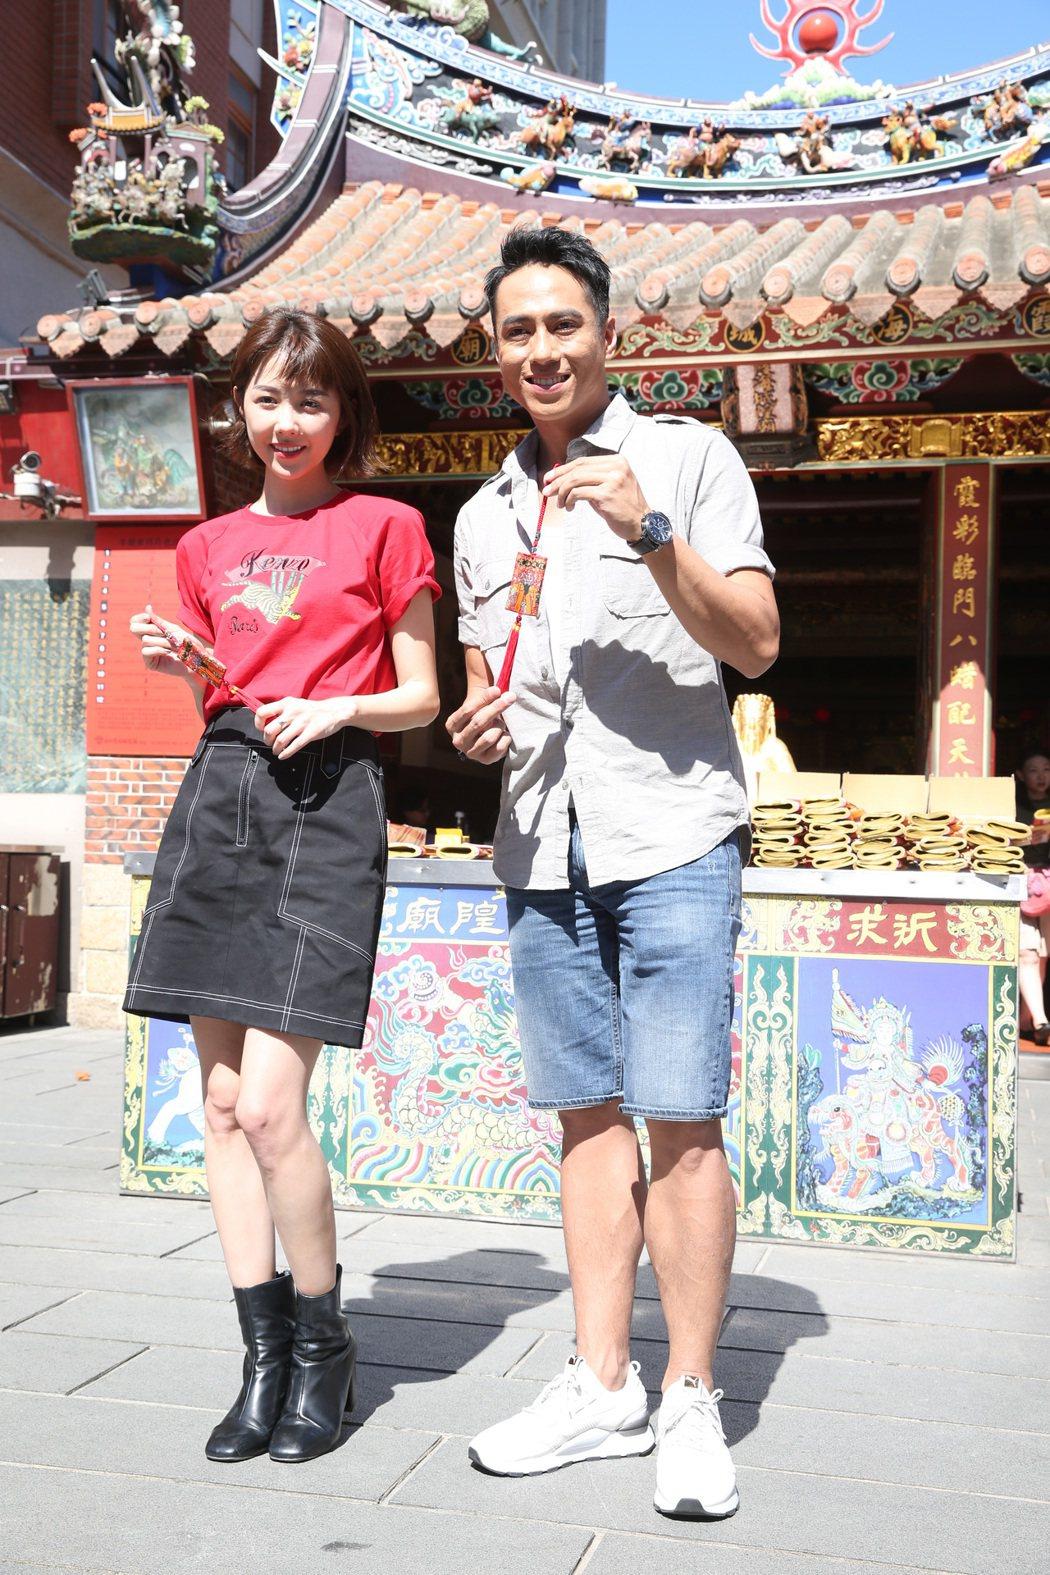 導演盧豐淵與演員莊凱勛(右)、邵雨薇(左)出席電影《緝魔》專車祈福活動,三人在霞...